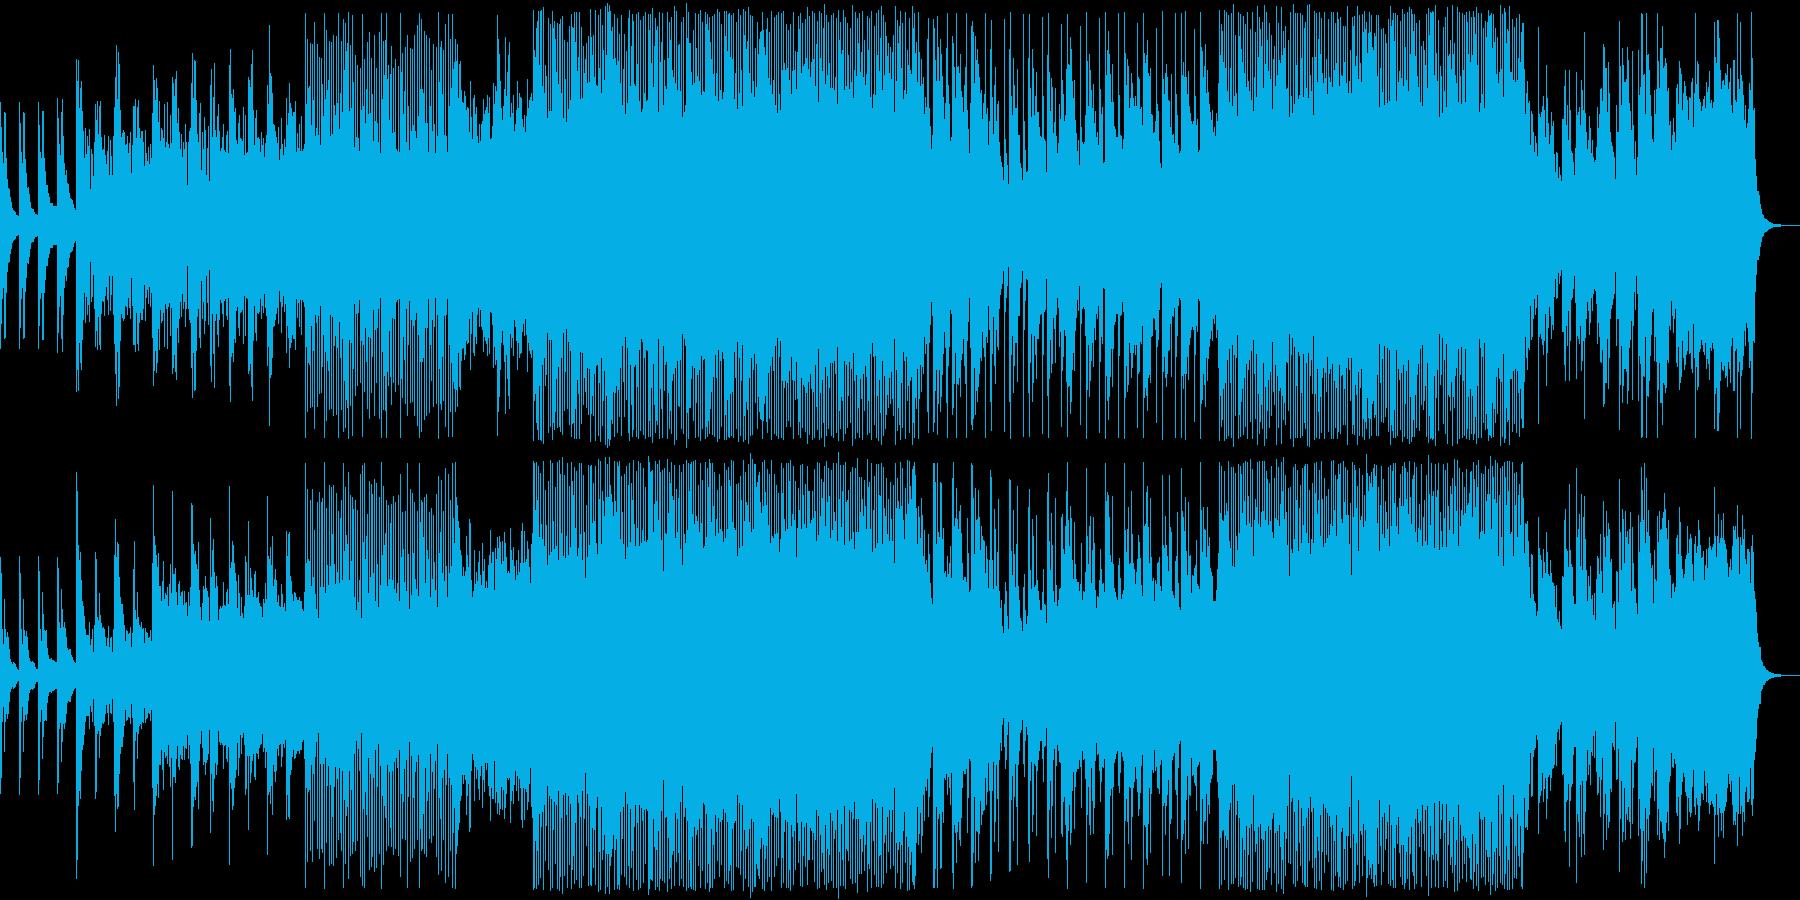 海をイメージしたアンビエント系EDMの再生済みの波形